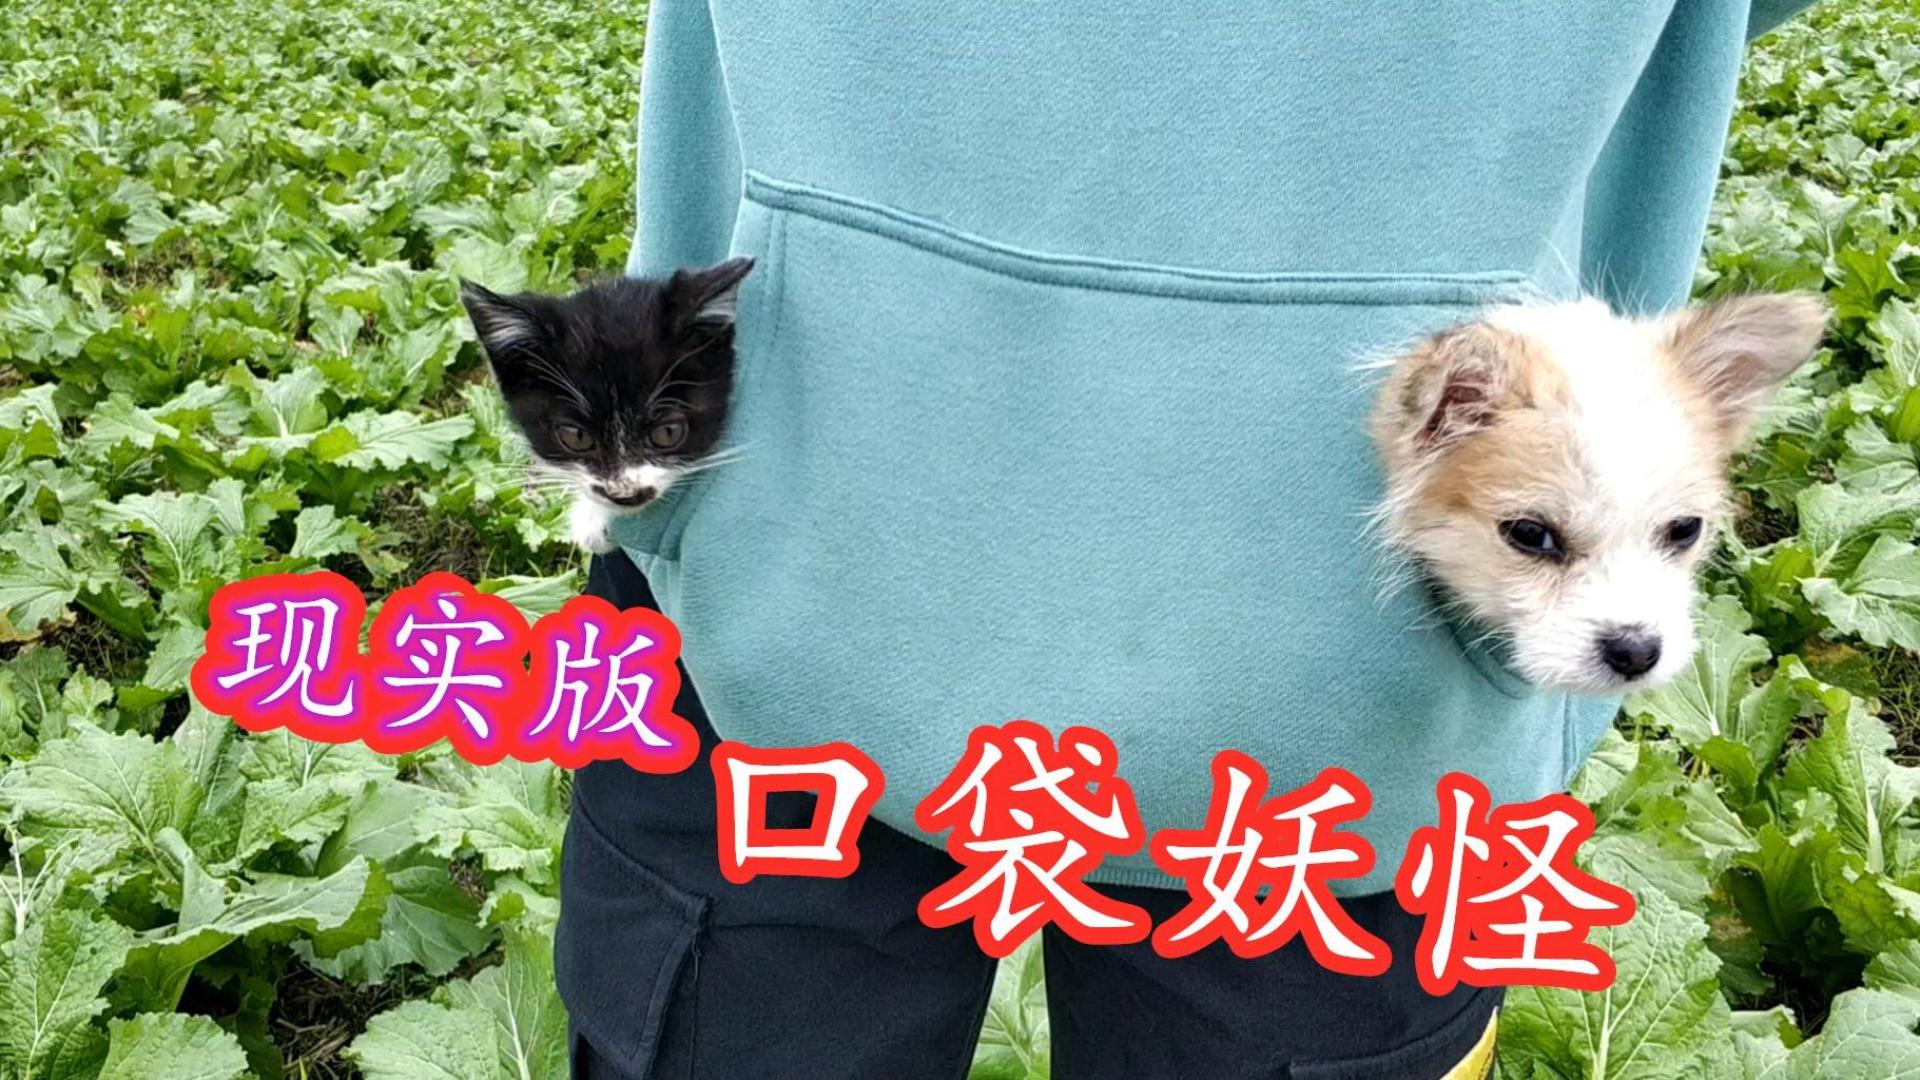 流浪猫狗:两只粘人的小家伙钻进口袋里当左右护法,顺便取一下暖